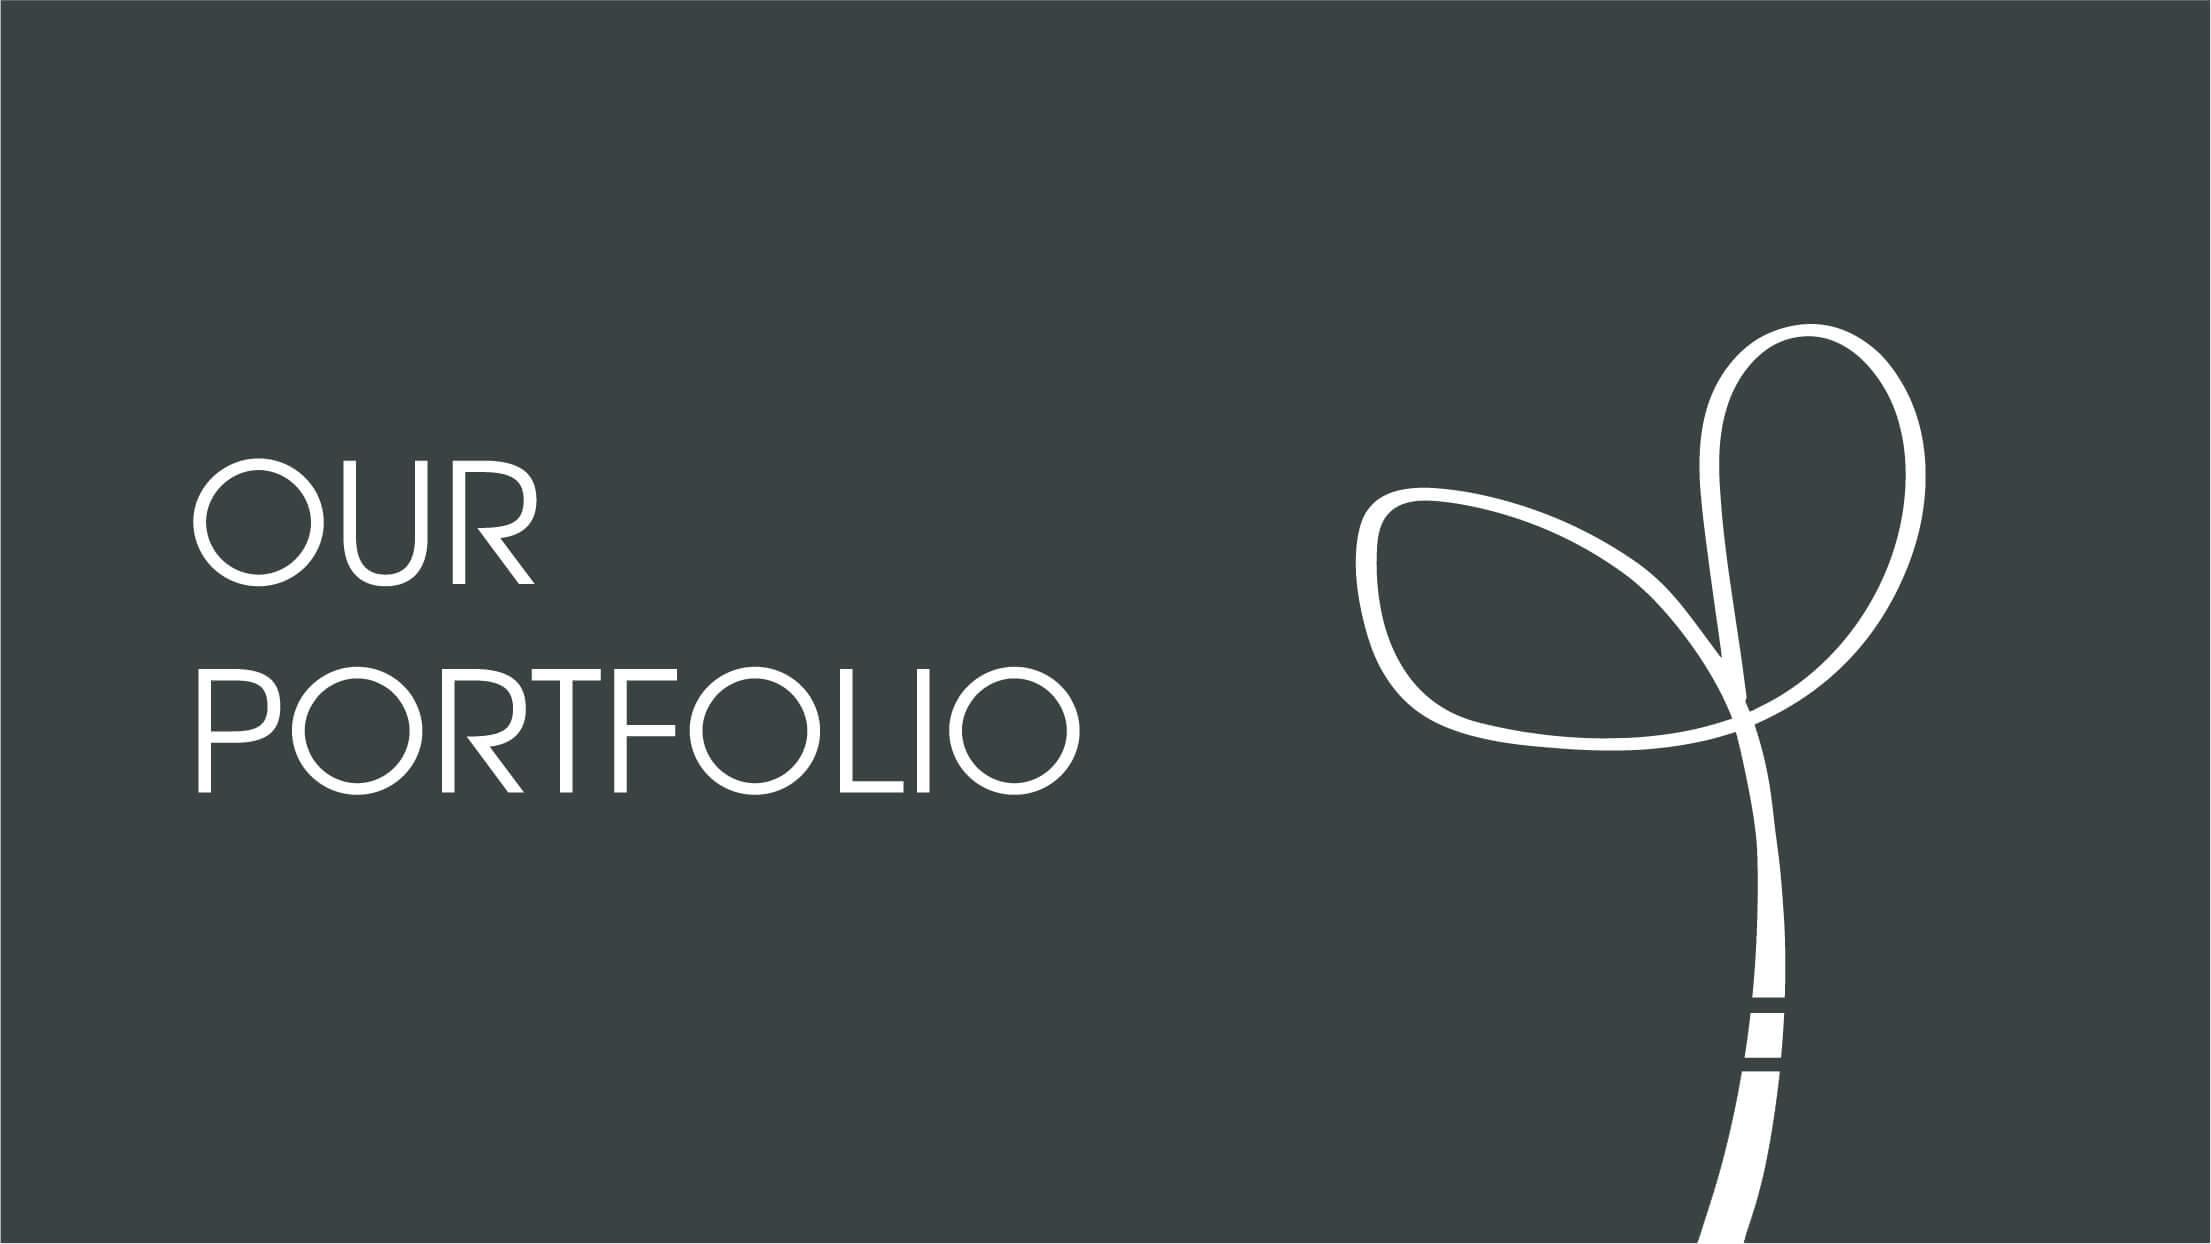 Our Portfolio Interior Design